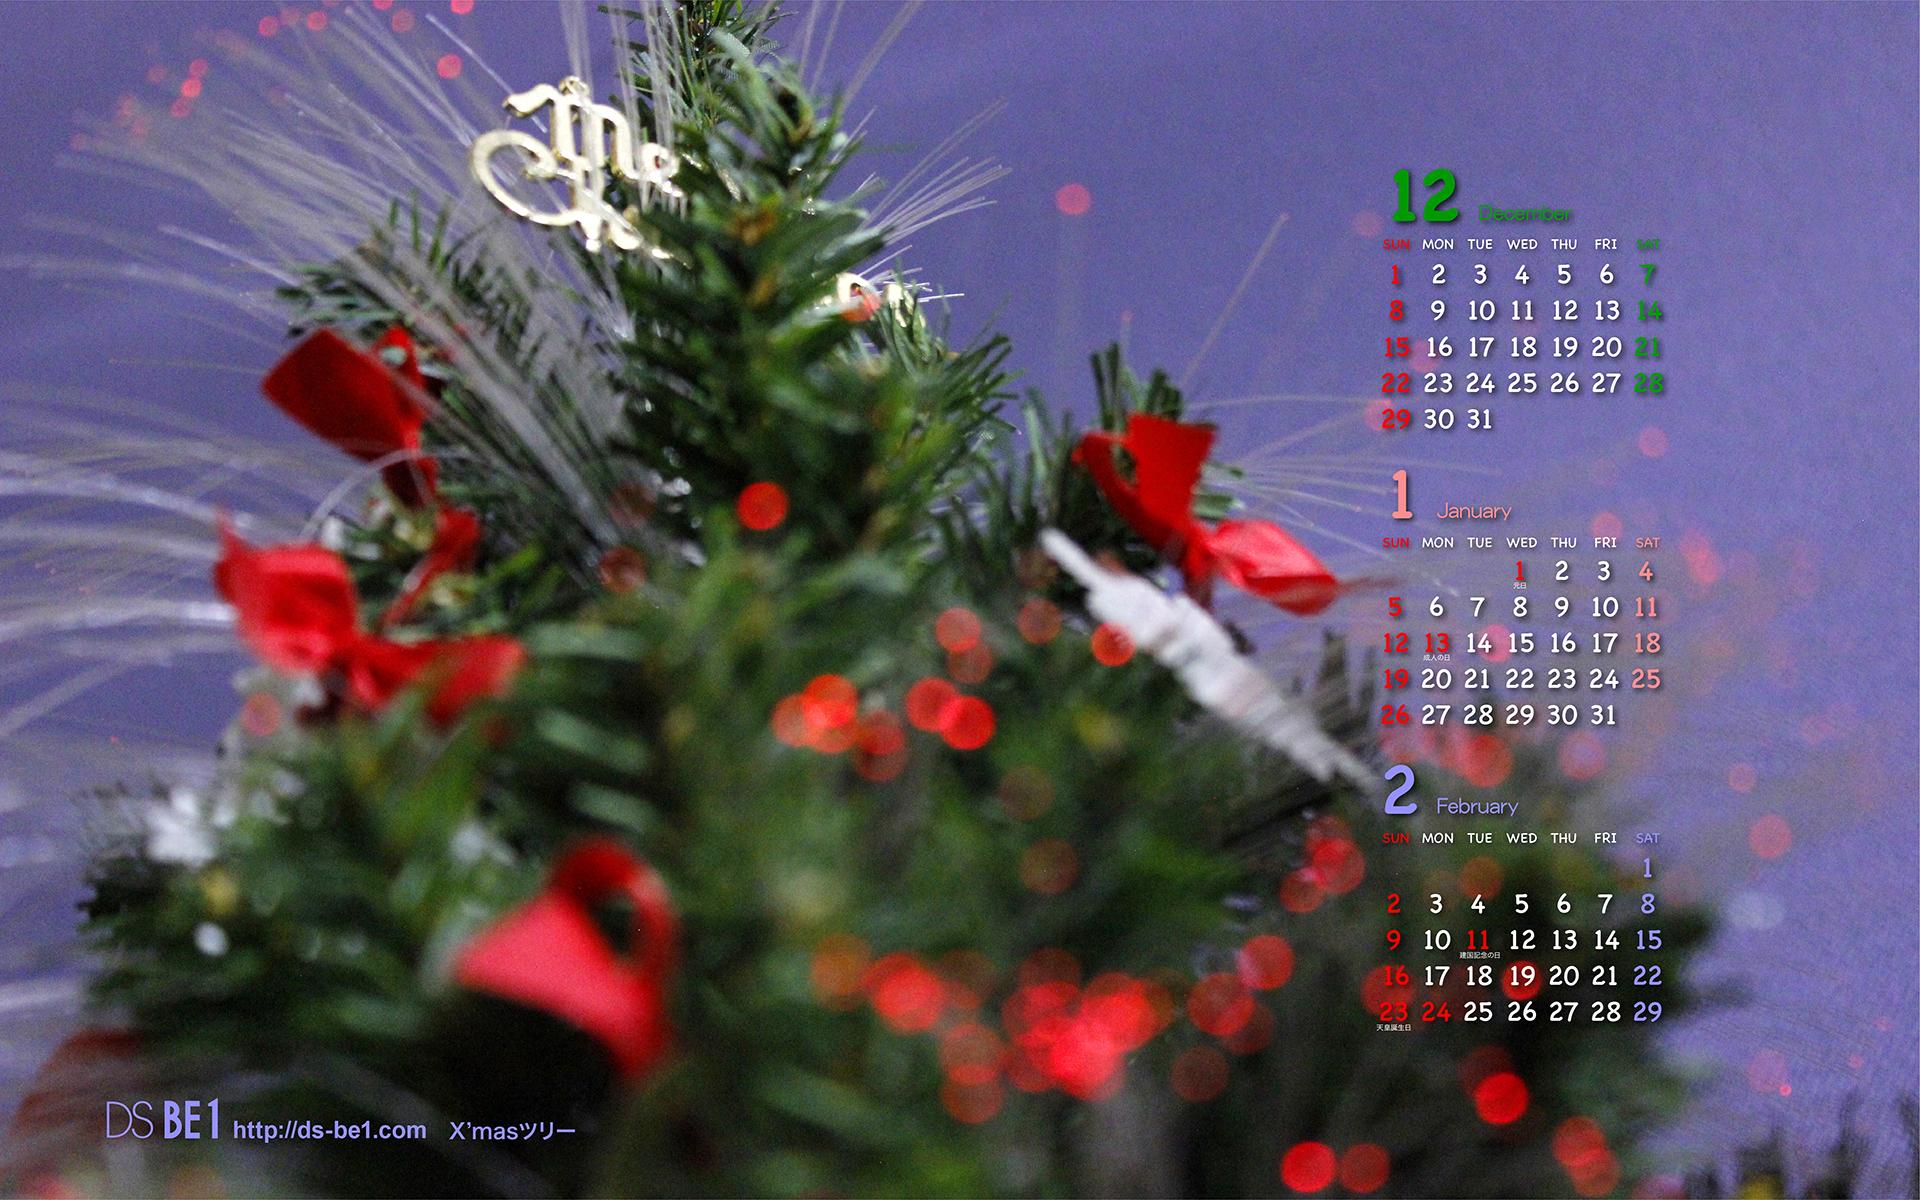 ビーワン 季節の壁紙カレンダー3ヶ月付 19年12月 パソコンデスクトップ スマホ用 ダウンロード無料 フリー